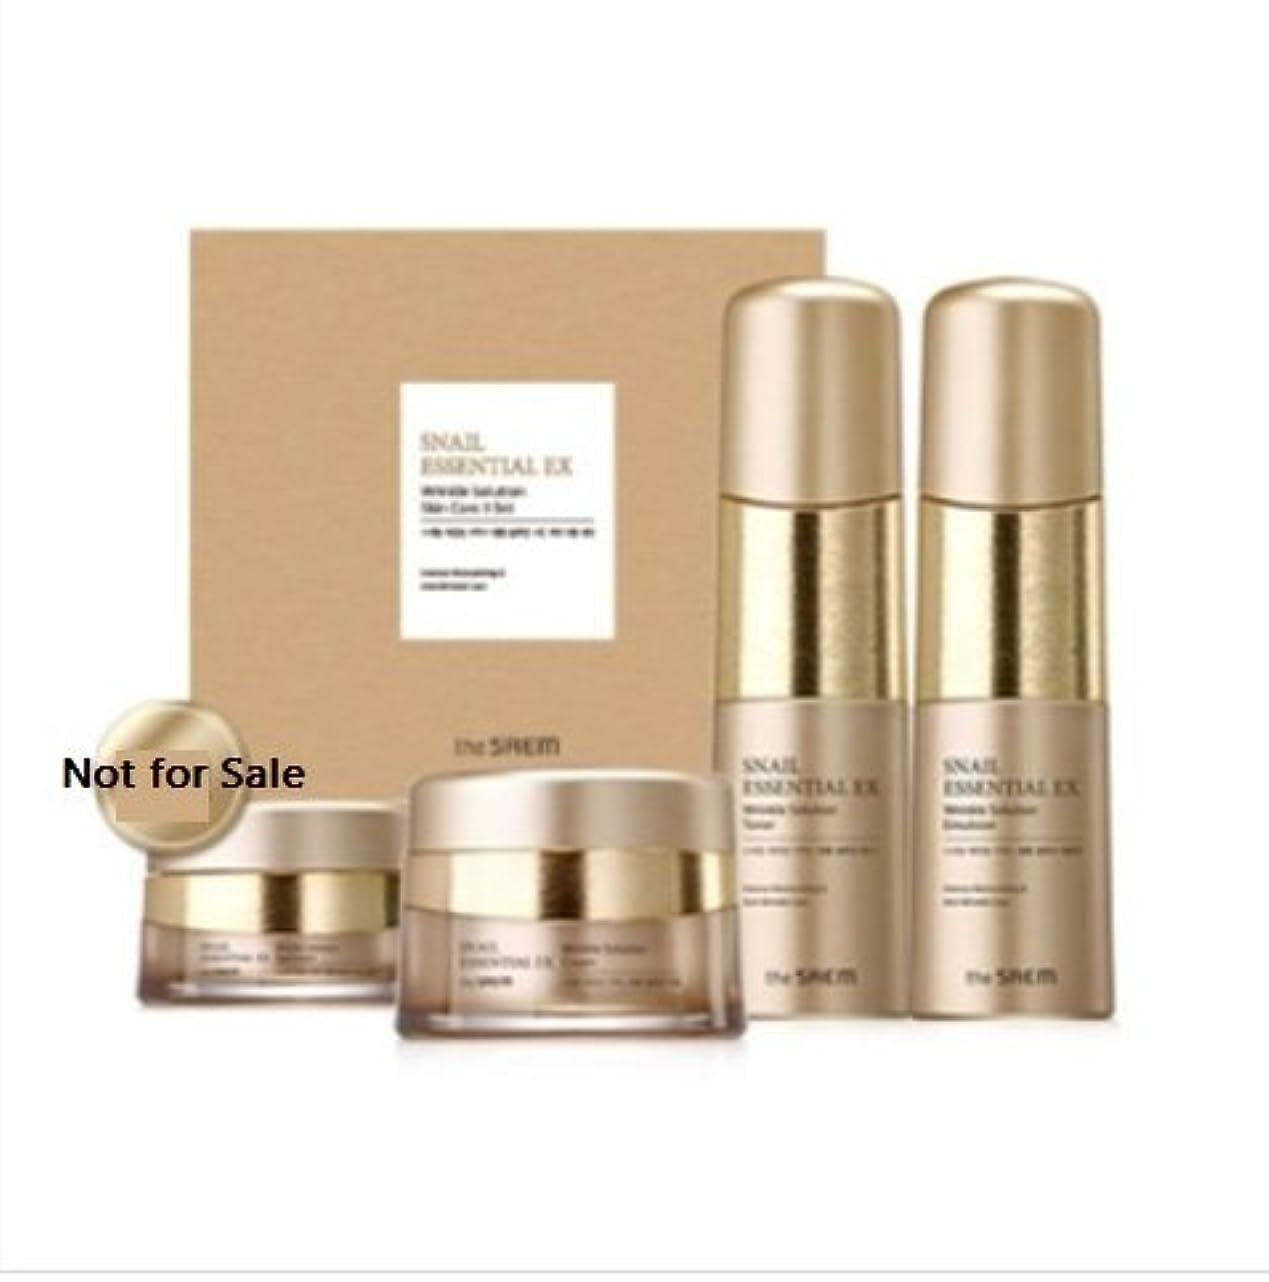 マイクロベックス不器用[ザセム] The Saem [スネイル エッセンシャル EXリンクルソリューション スキンケア 3種セット] (Snail Essential EX-Wrinkle Solution Skin Care 3Set) [...